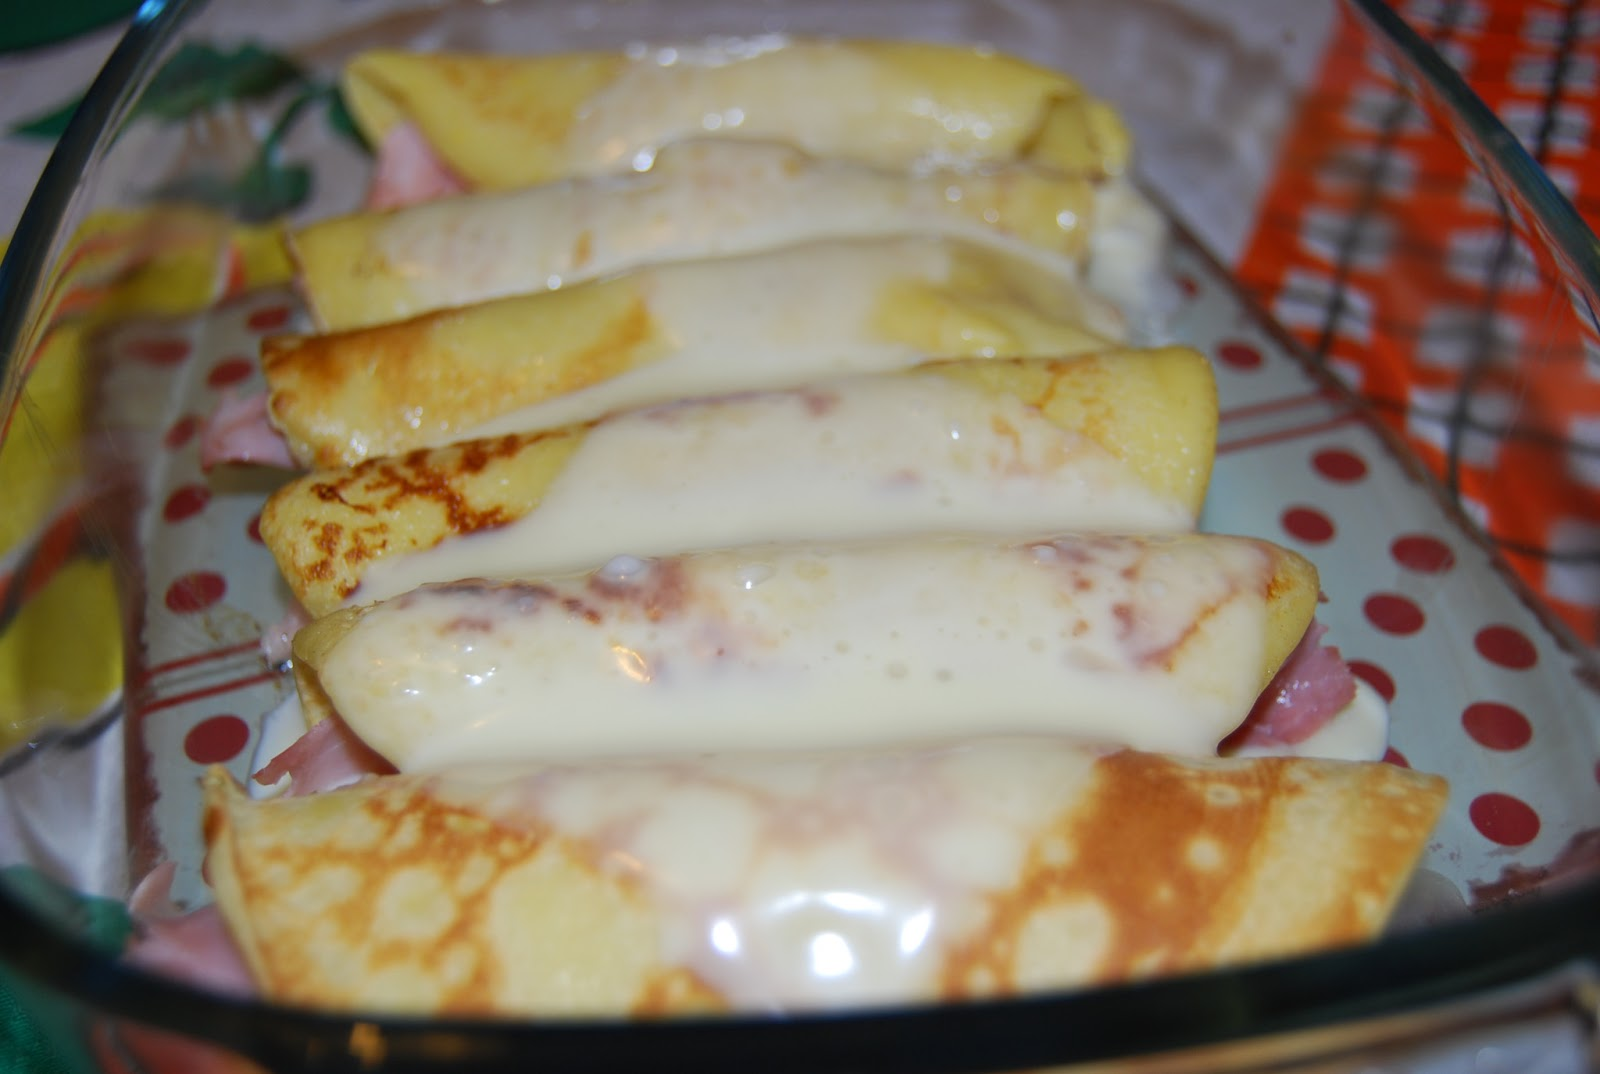 Ricetta per crepes 1 uovo